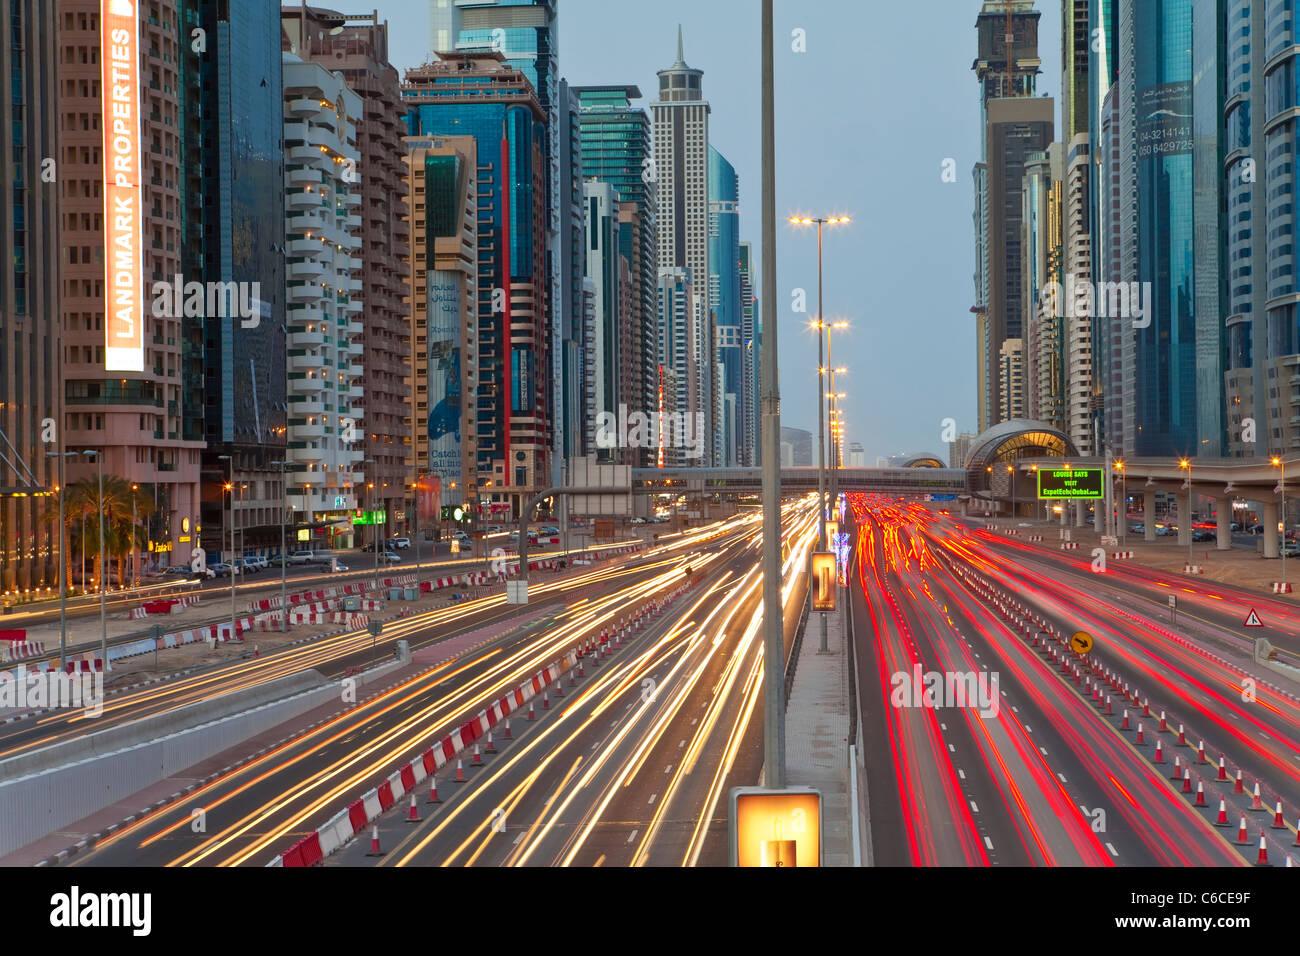 Vereinigte Arabische Emirate, Dubai, Sheikh Zayed Road, Verkehr und neue Hochhäuser entlang Dubais Hauptstraße Stockbild